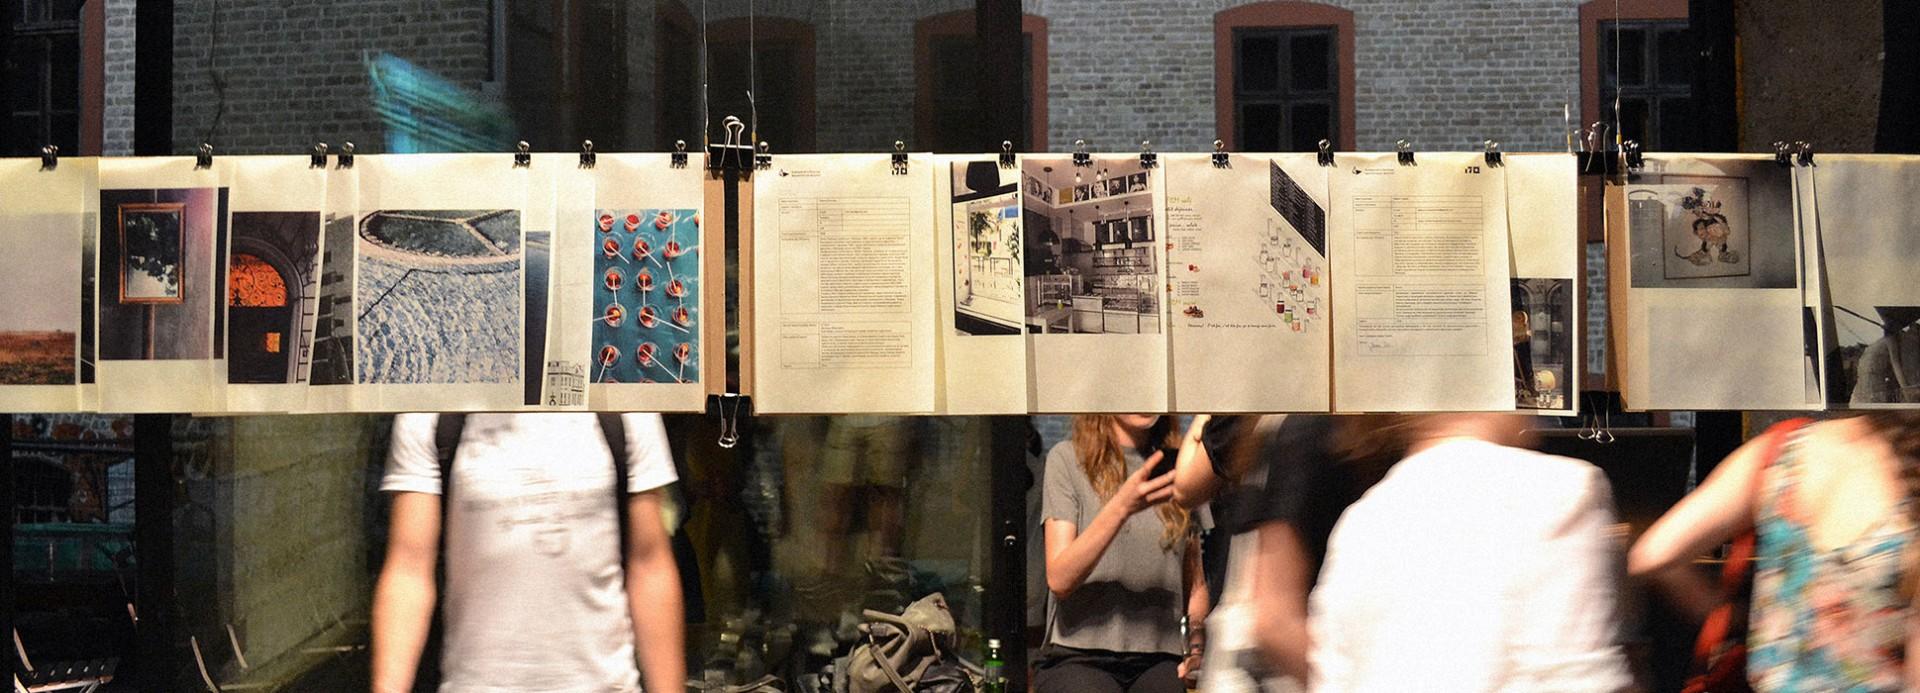 """Одржани алумни изложба и округли сто: """"Колико снаге имам ја, колико сна…"""" у галерији Штаб"""